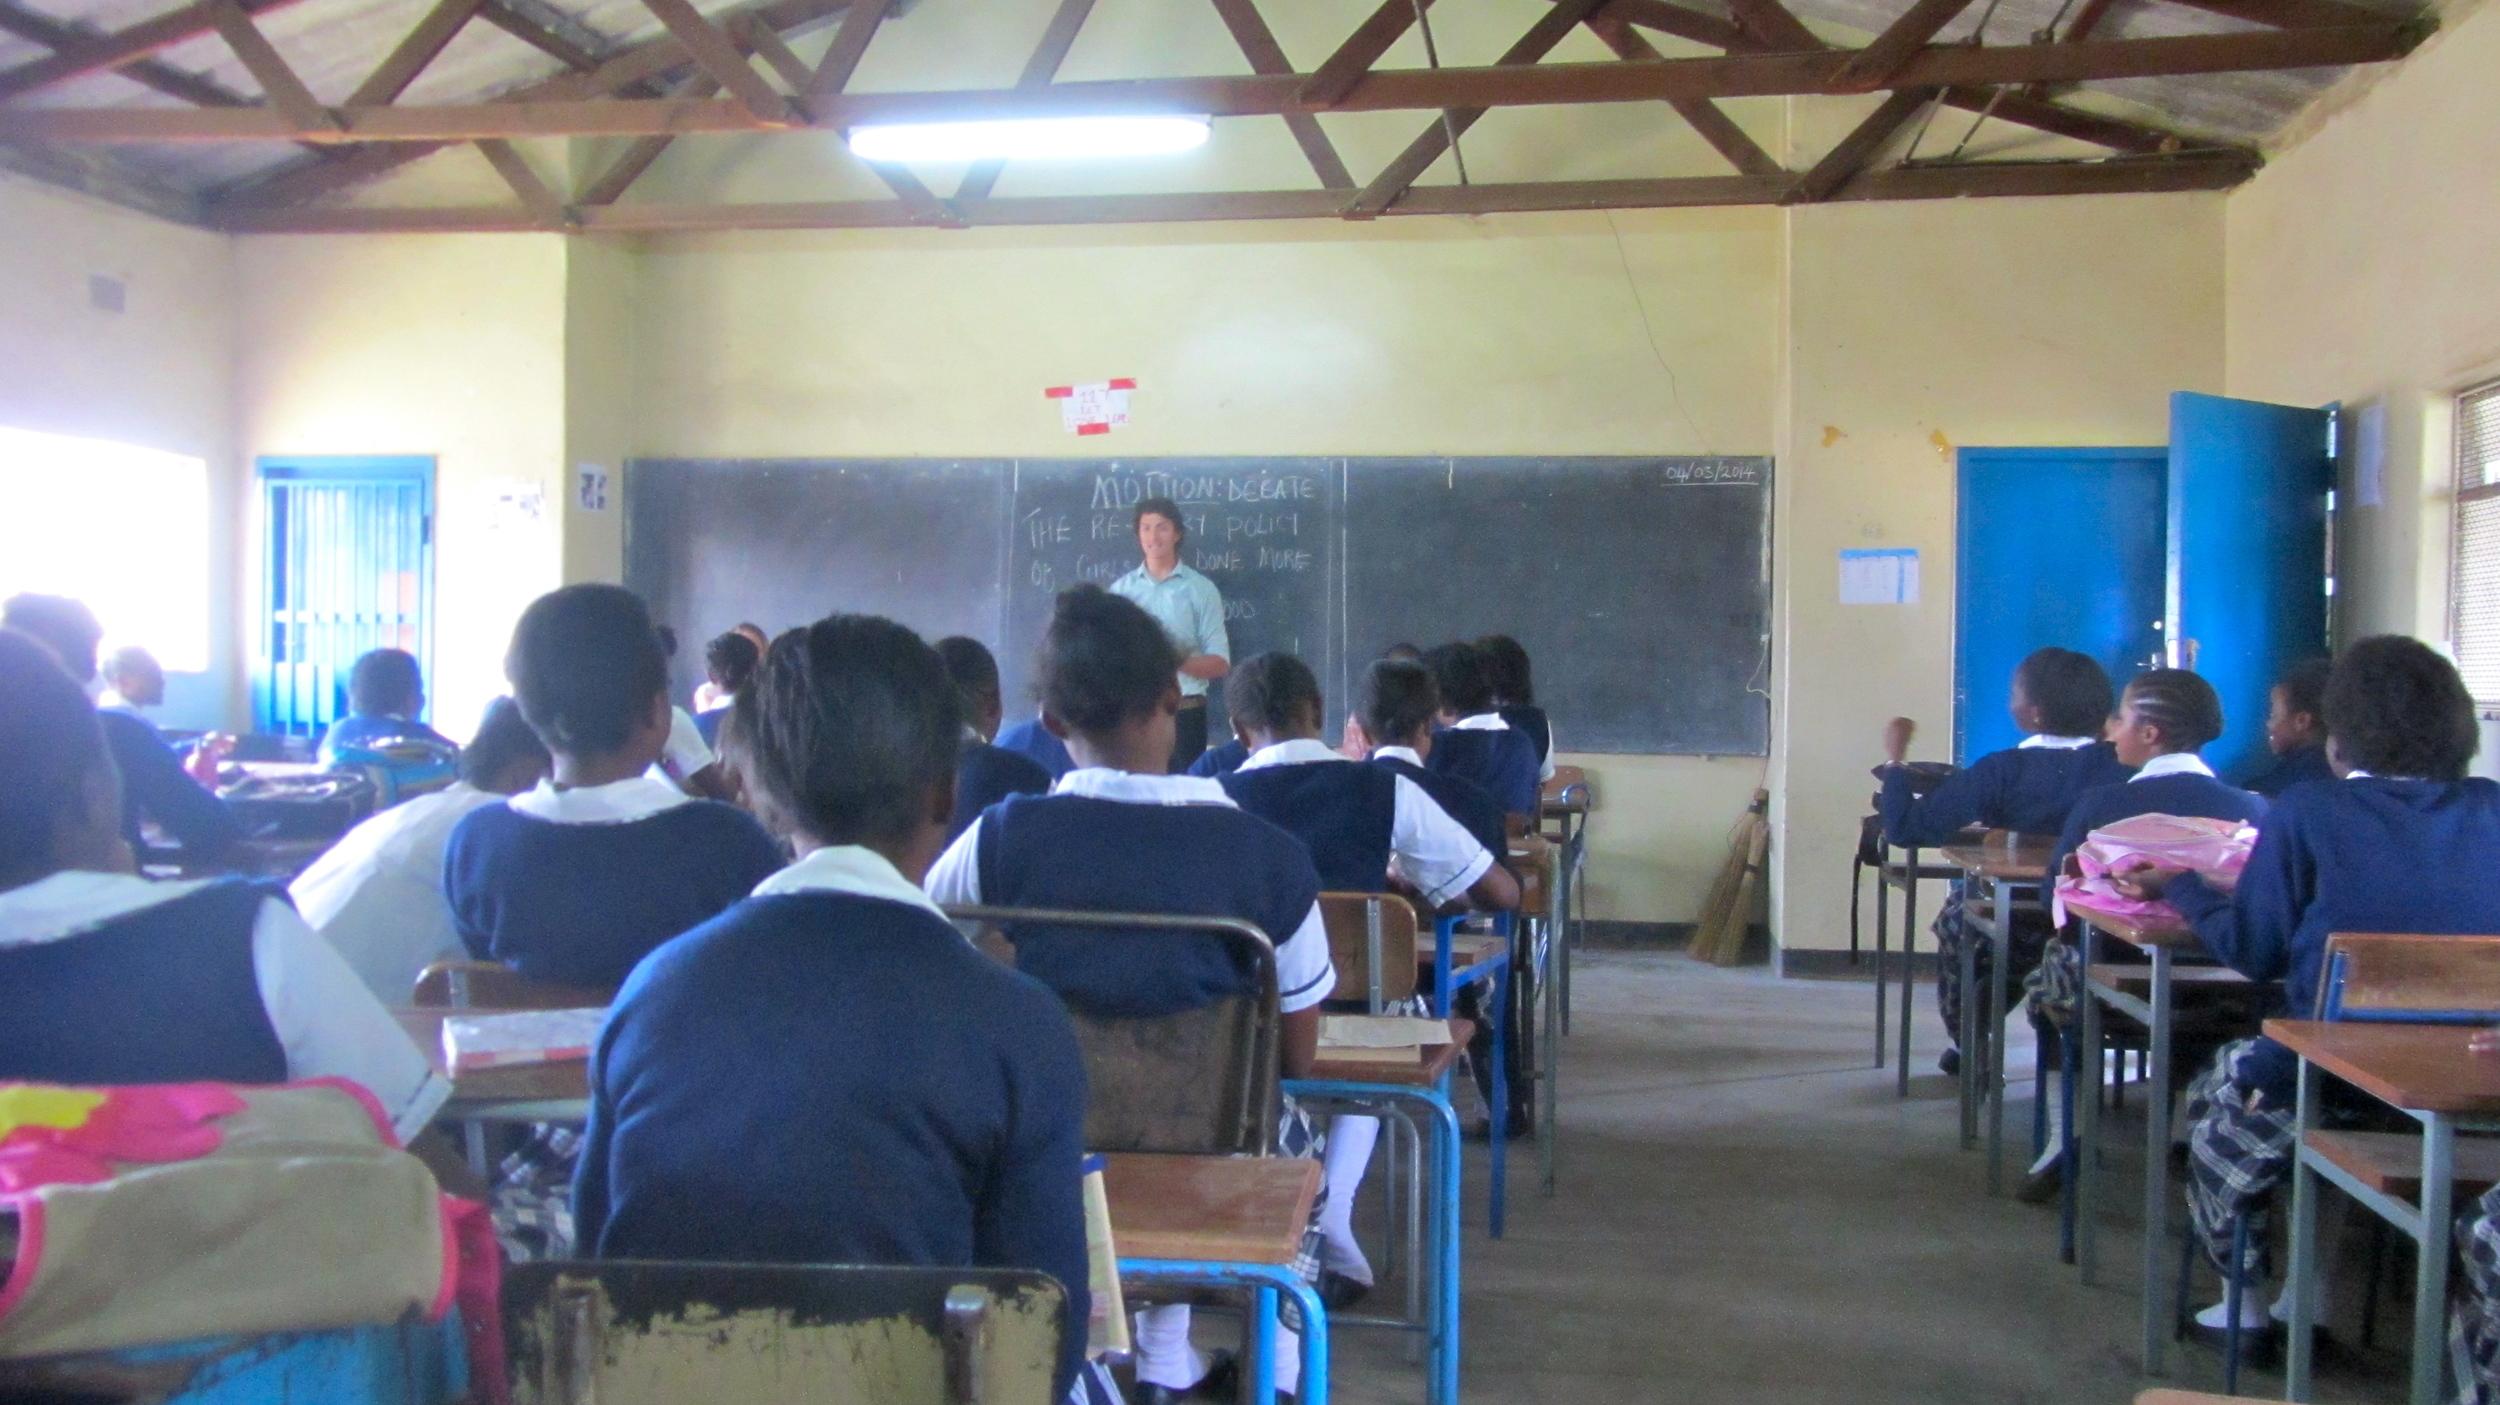 Chris introducing speach teaches